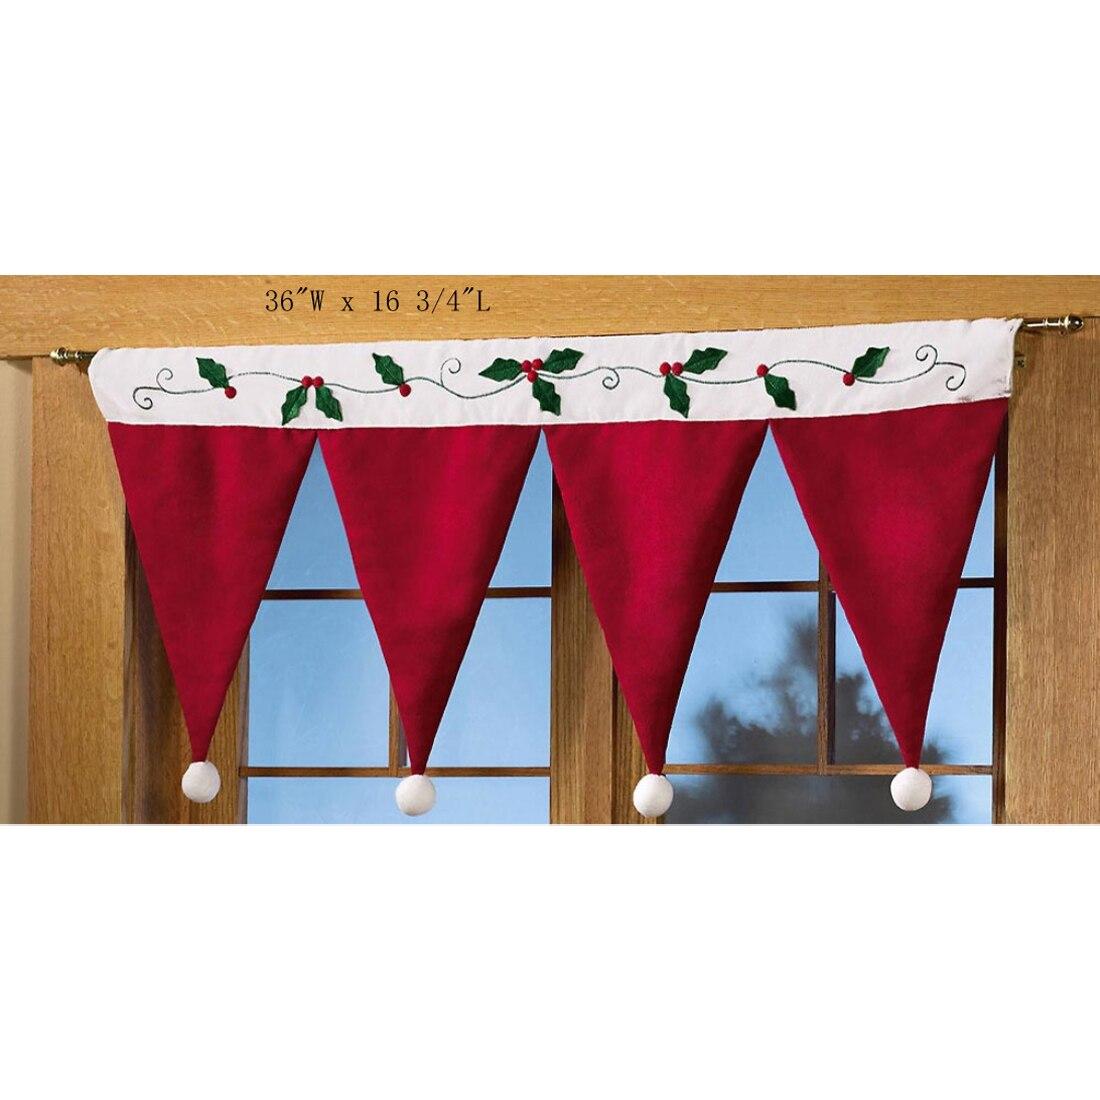 Двери окна драпировка Панель Рождество декоративные Шторы дома украшения на Рождество вечерние Новый год Санта Клаус шляпа Кепки Подзор